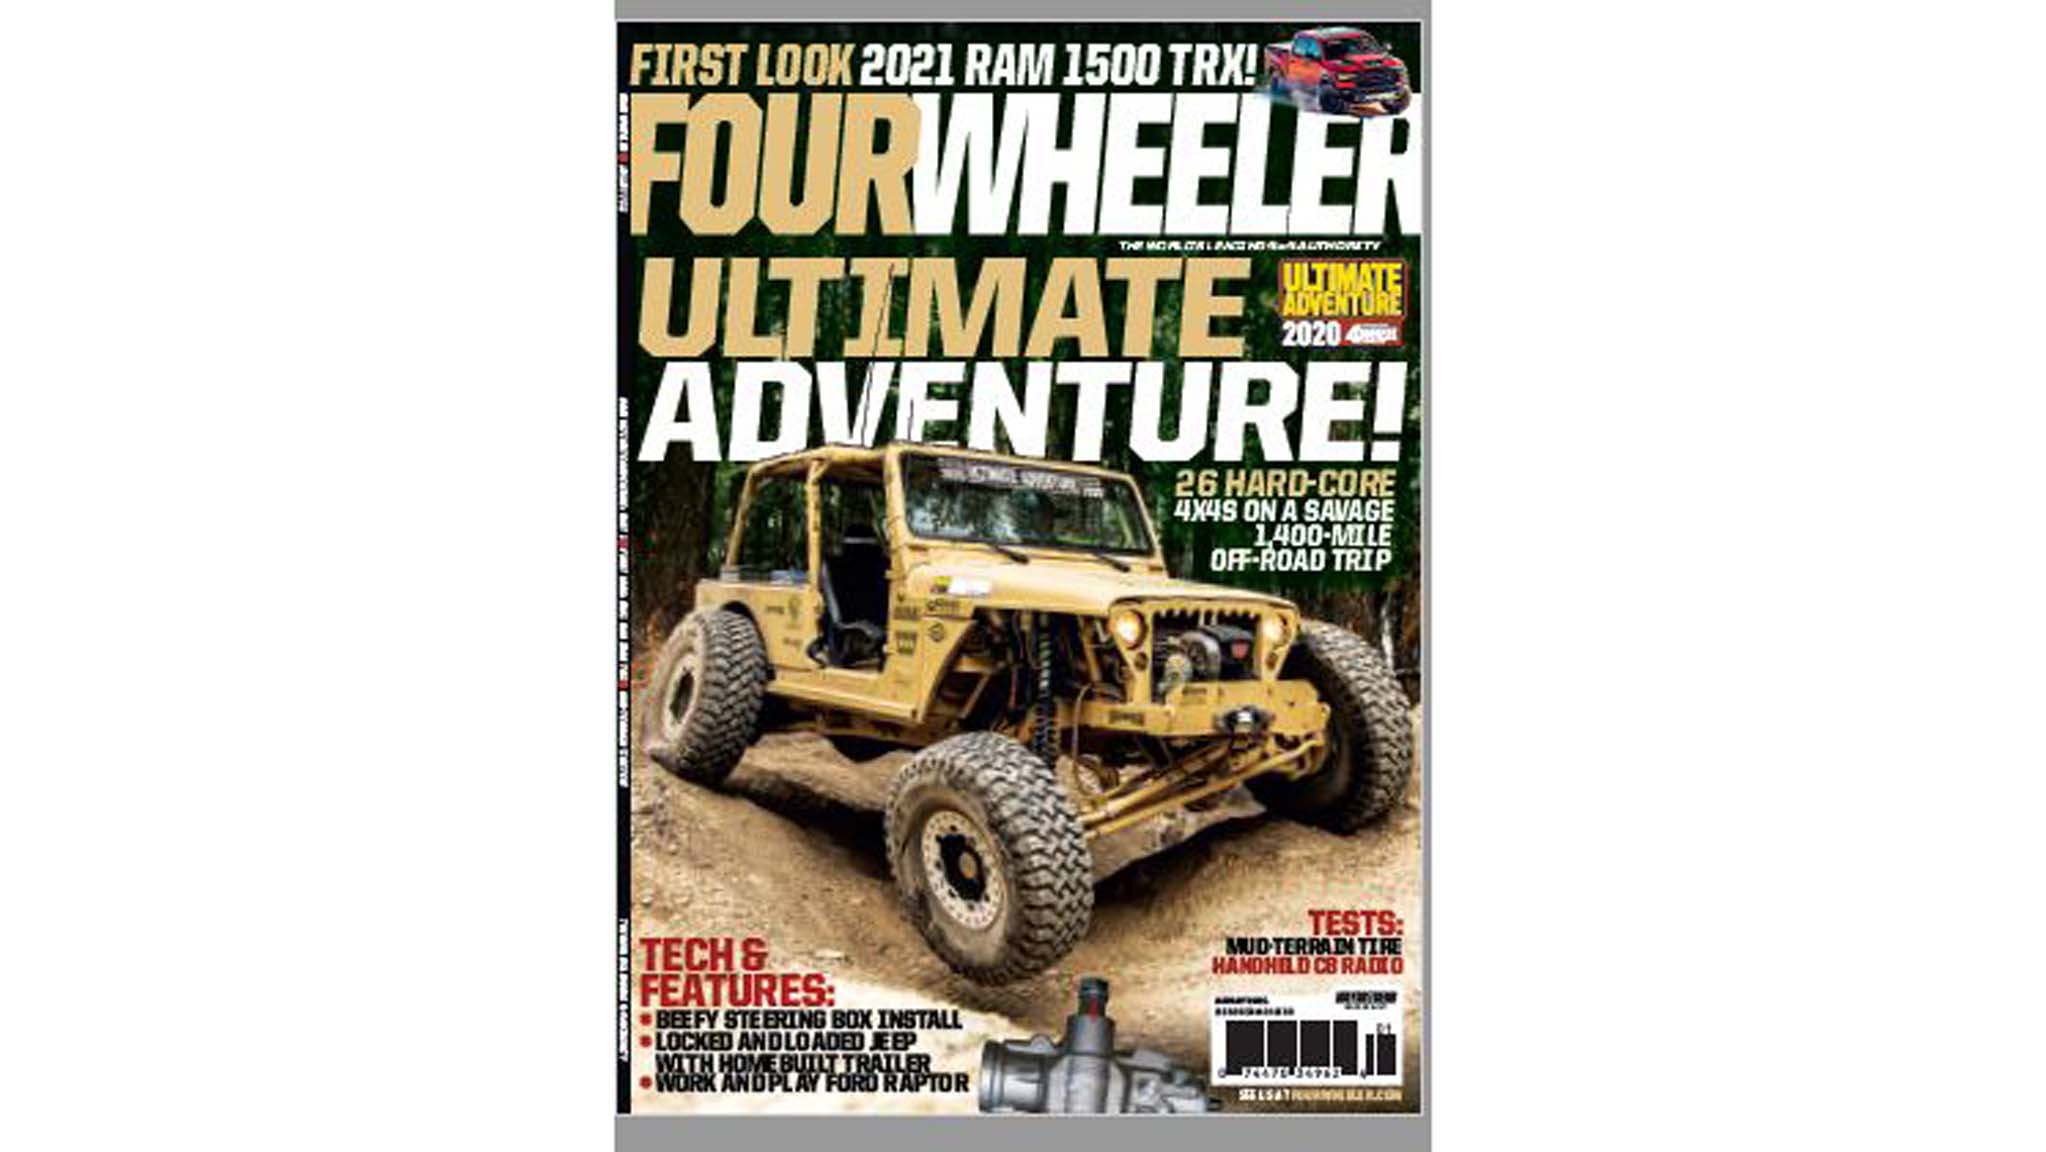 january magazine wheeler four fourwheeler features